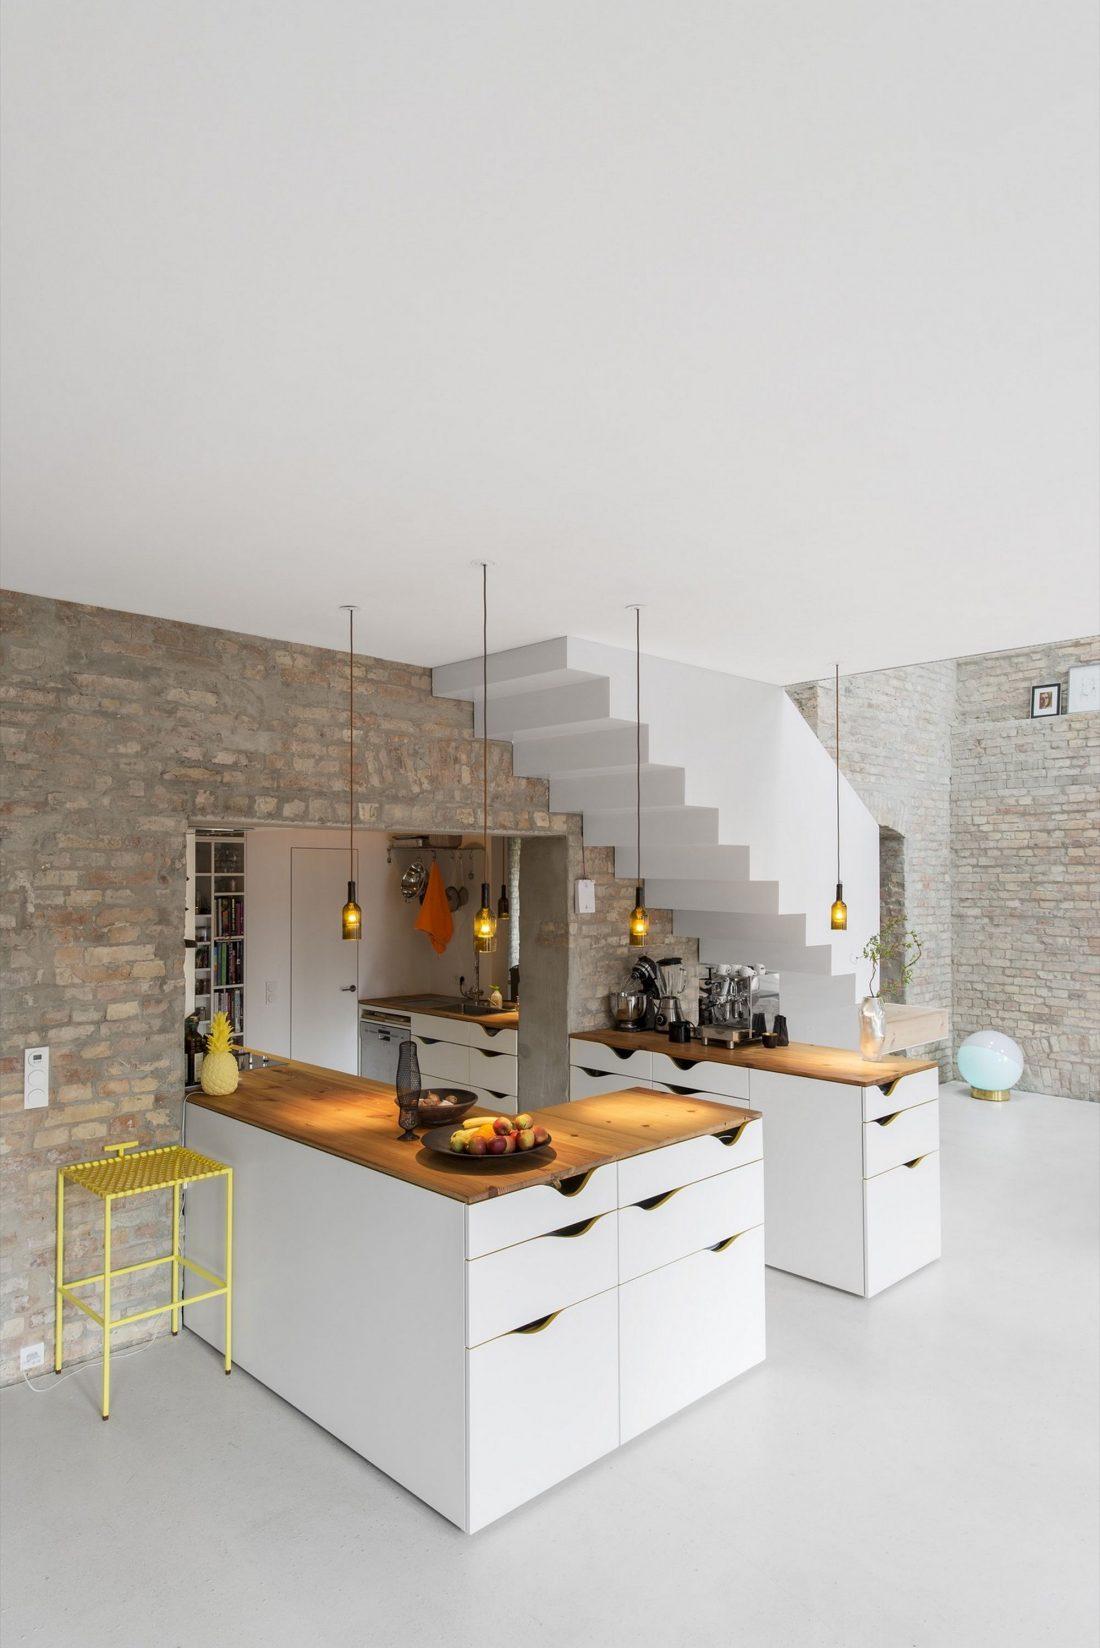 rekonstruktsiya-starinnogo-zdaniya-v-berline-po-proektu-asdfg-architekten-24